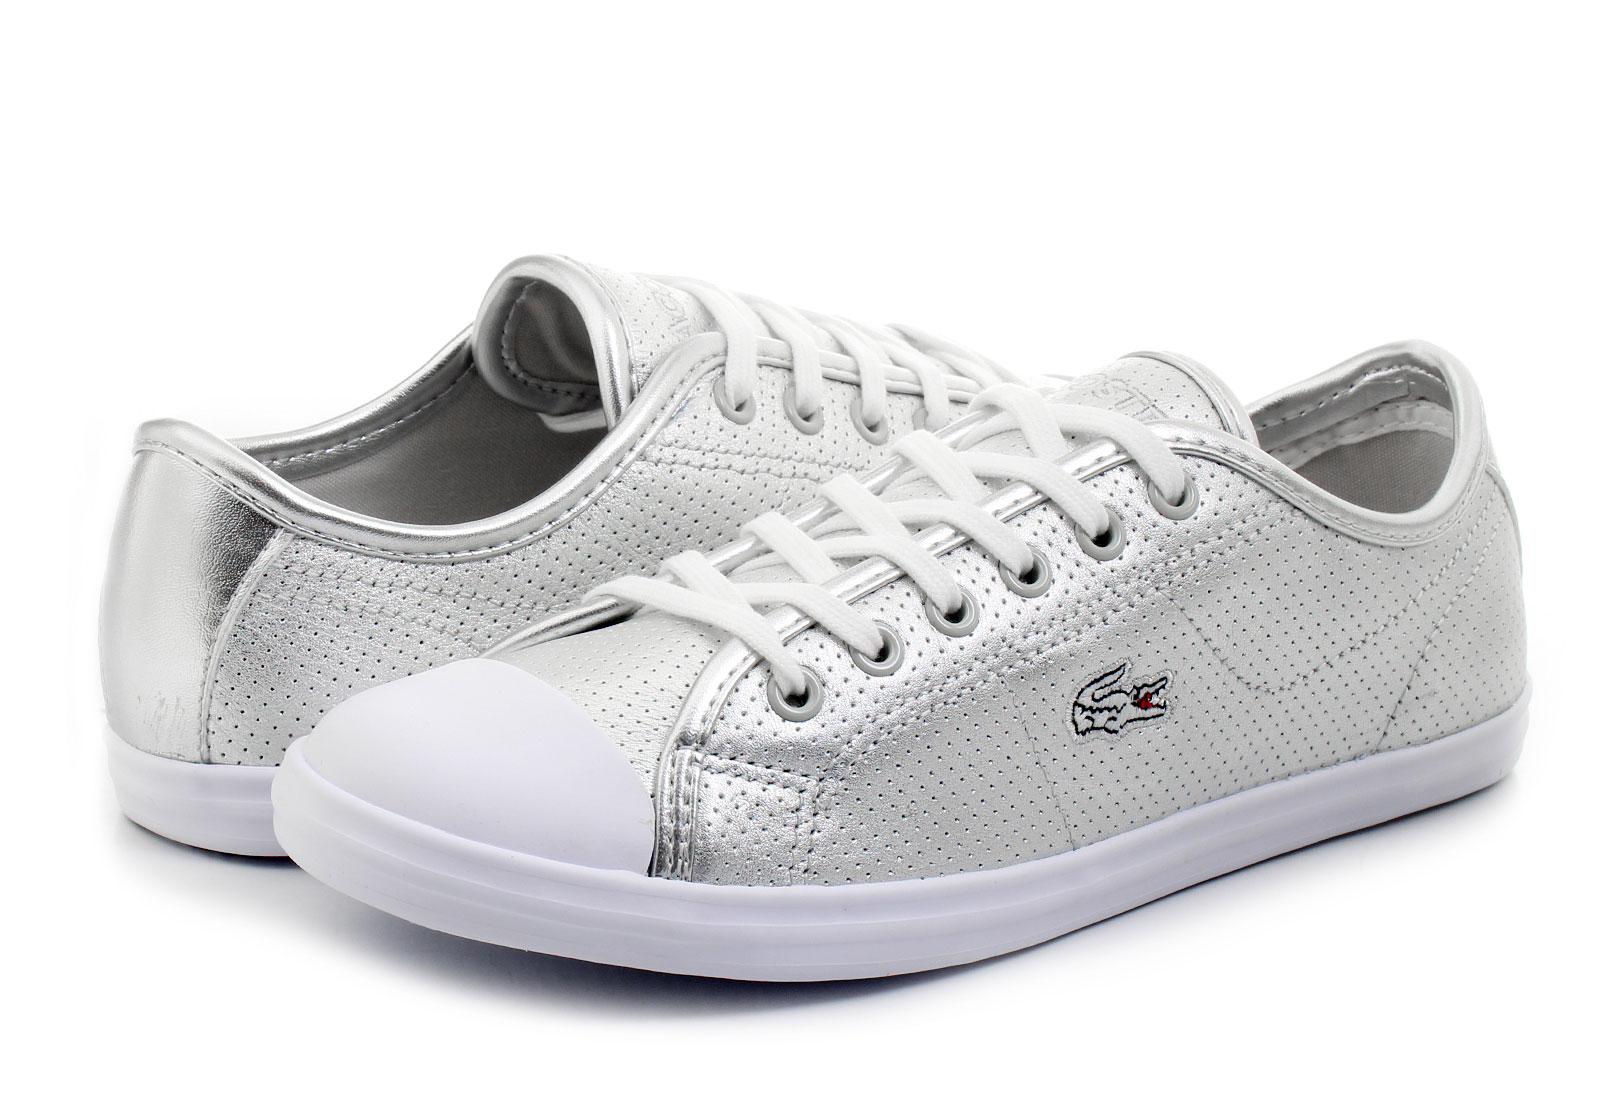 lacoste shoes ziane sneaker 161spw0037166 online